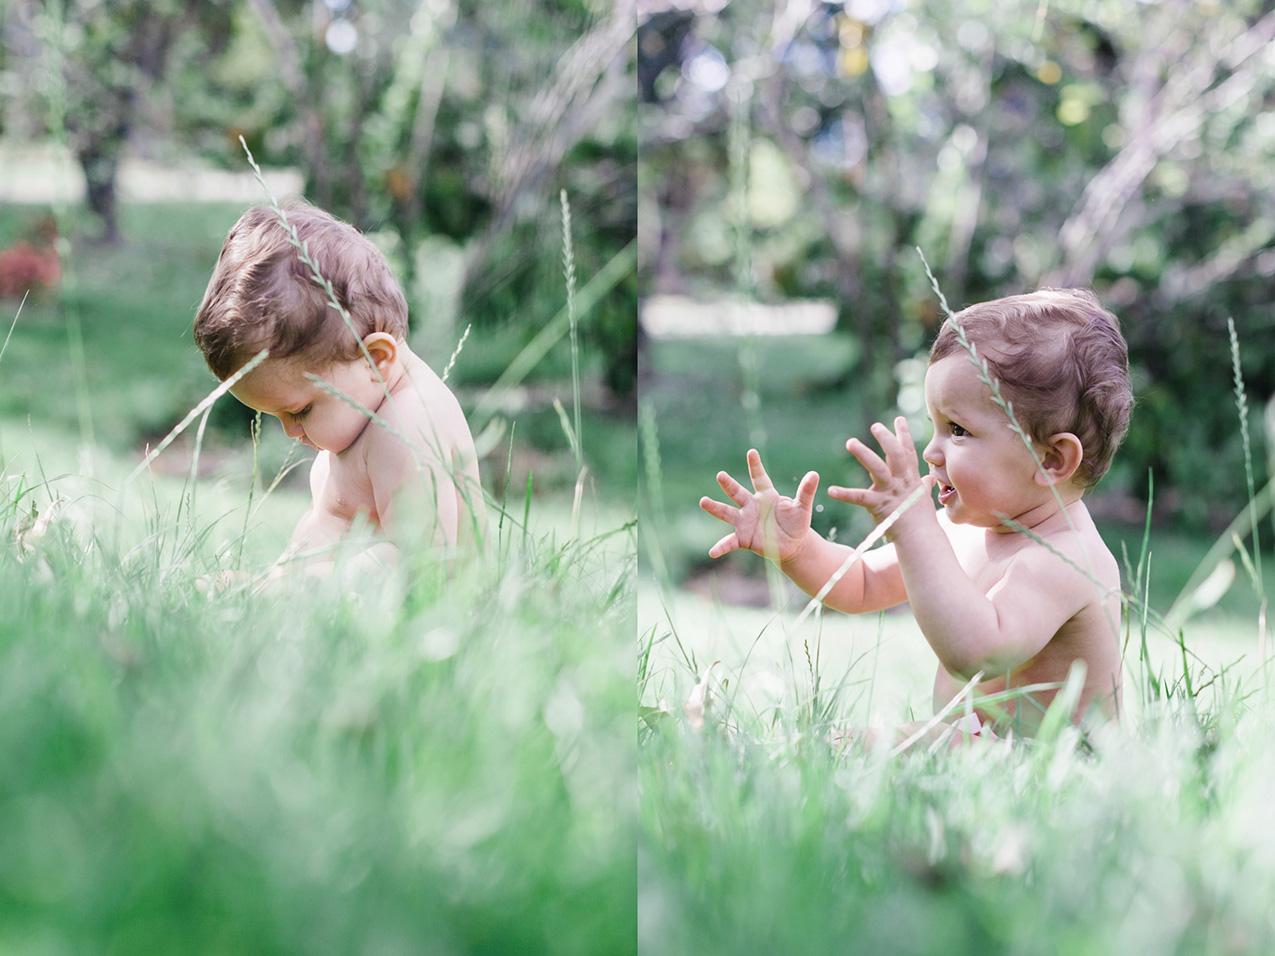 3-fotografia-retratos-niños-bebes-embarazo-colombia-bogota.jpg